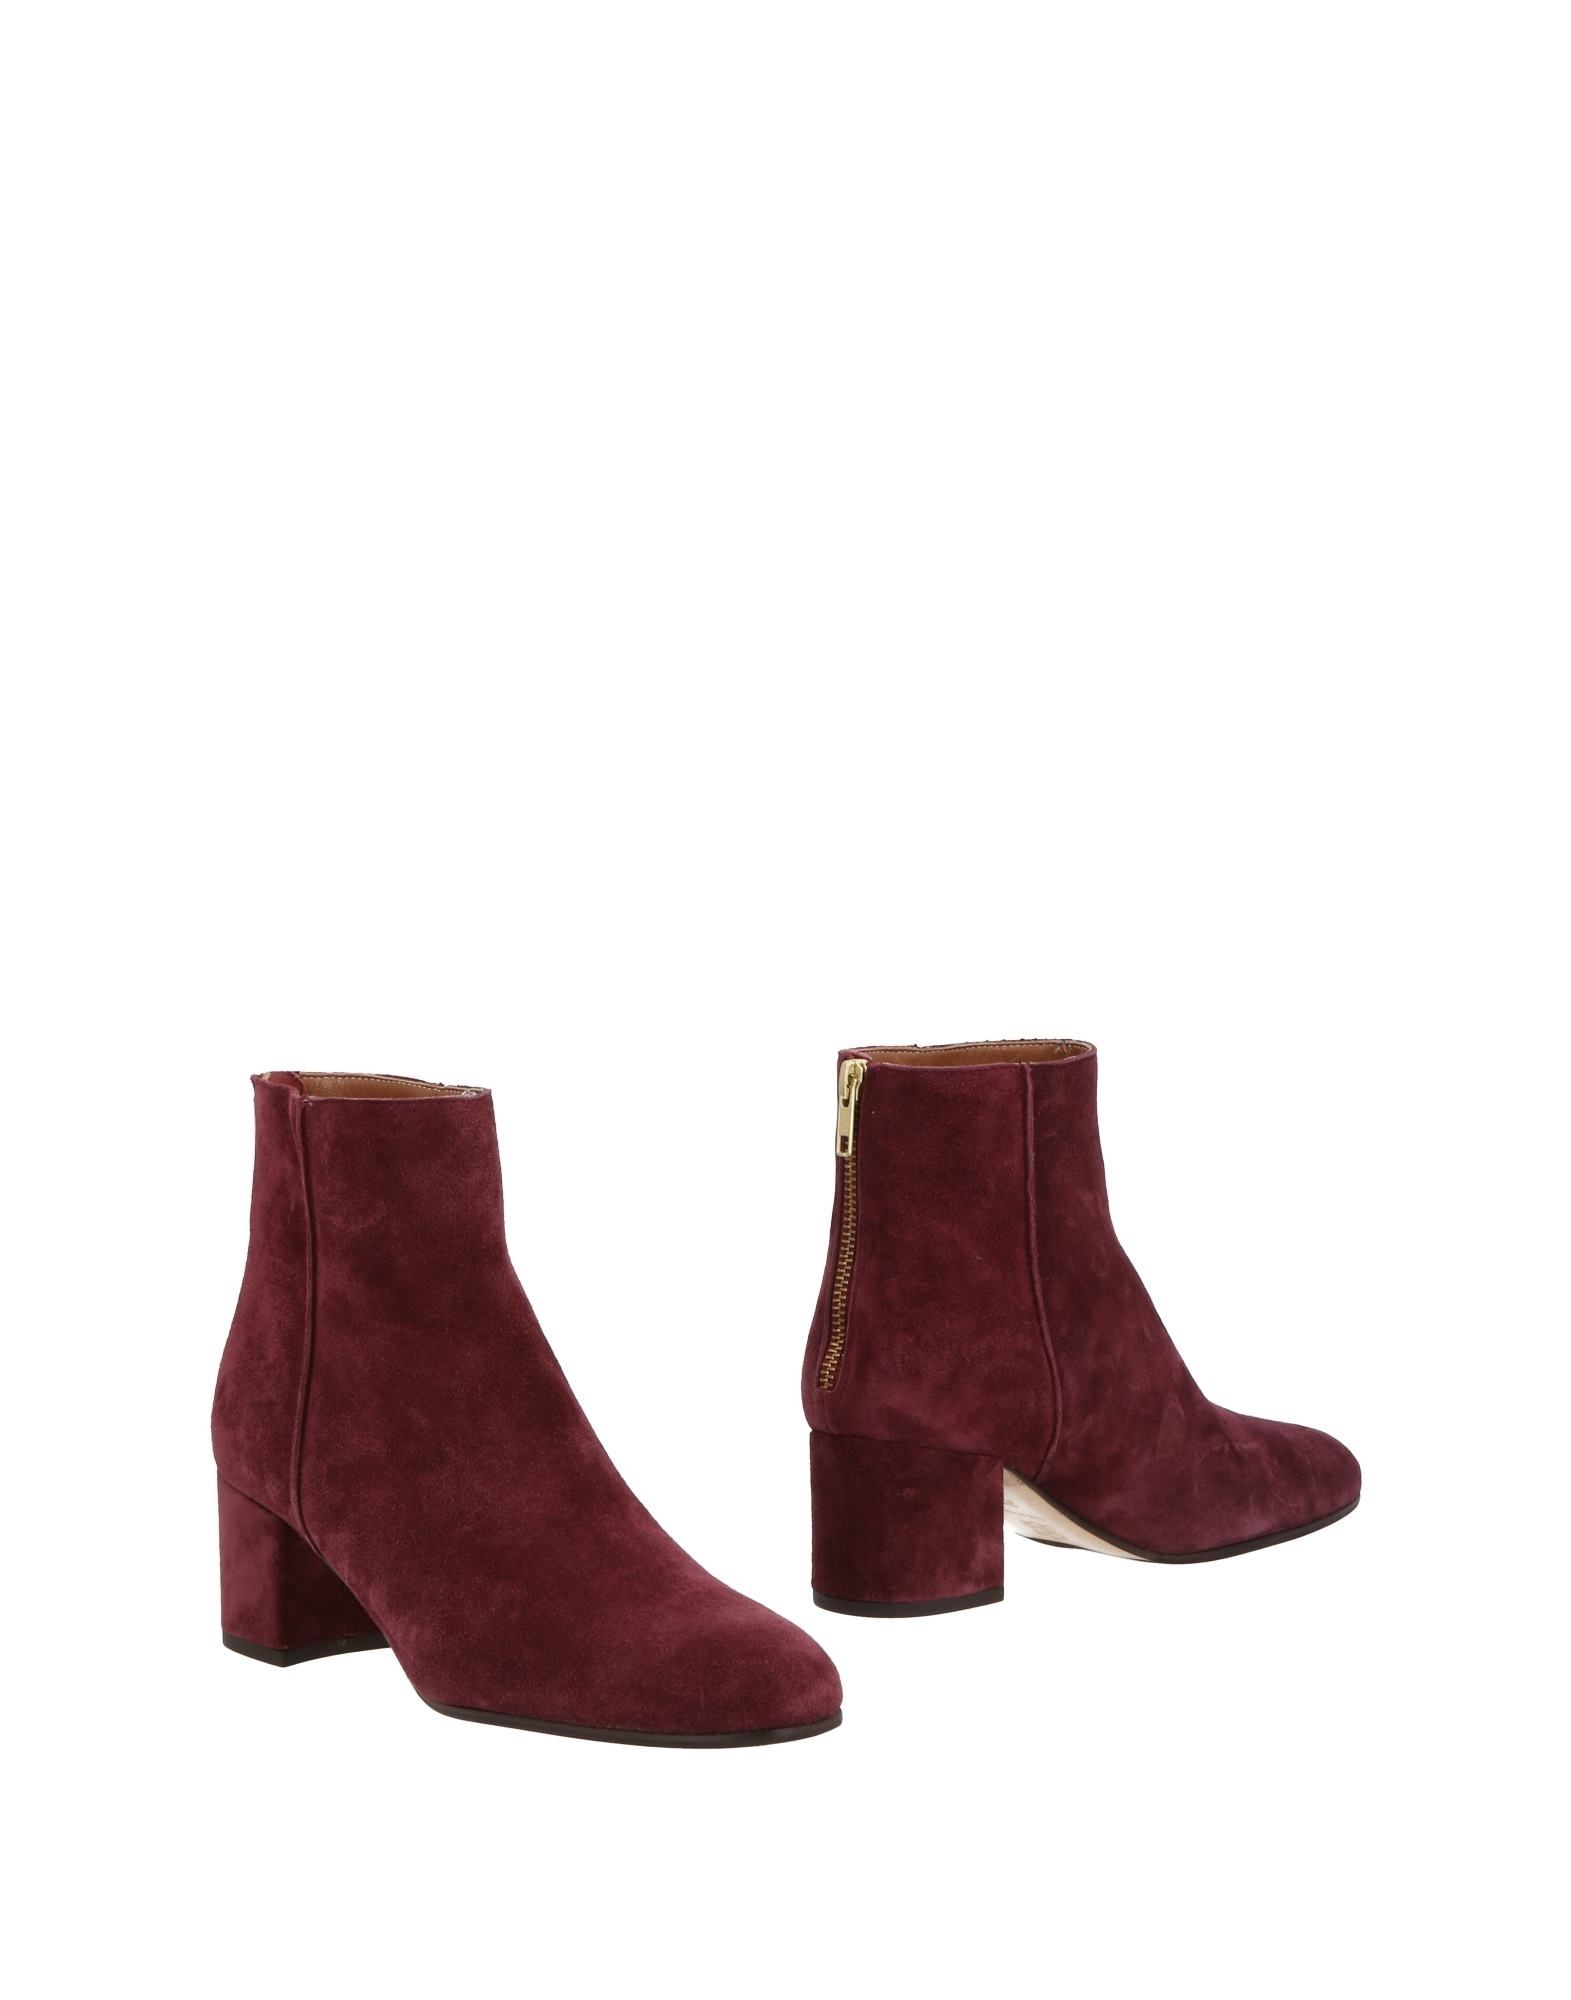 Atp Atelier Stiefelette Damen  11493131BUGut aussehende strapazierfähige Schuhe